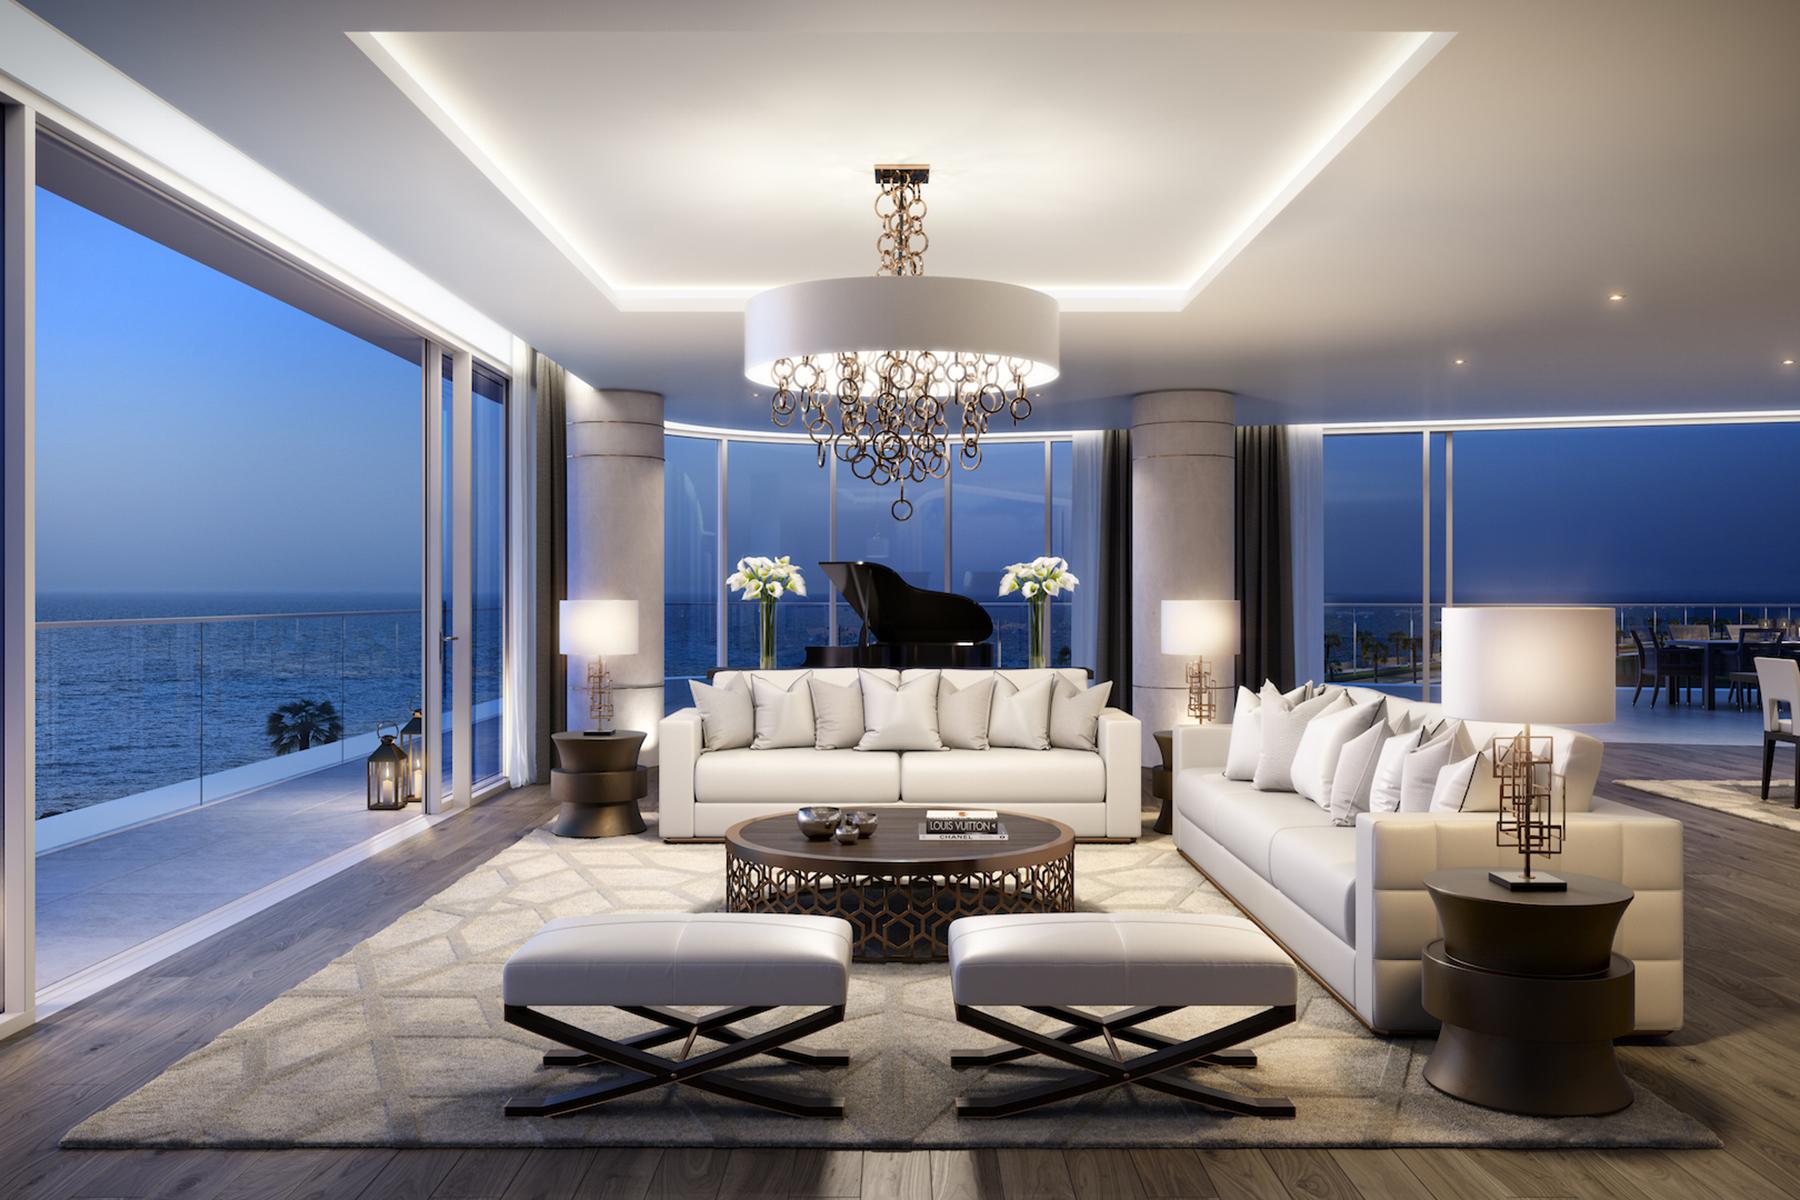 아파트 용 매매 에 The Alef Residences Massive 3BR Mansion Full Sea Views Palm Jumeirah Alef Residences, Dubai, 00000 아랍에미리트